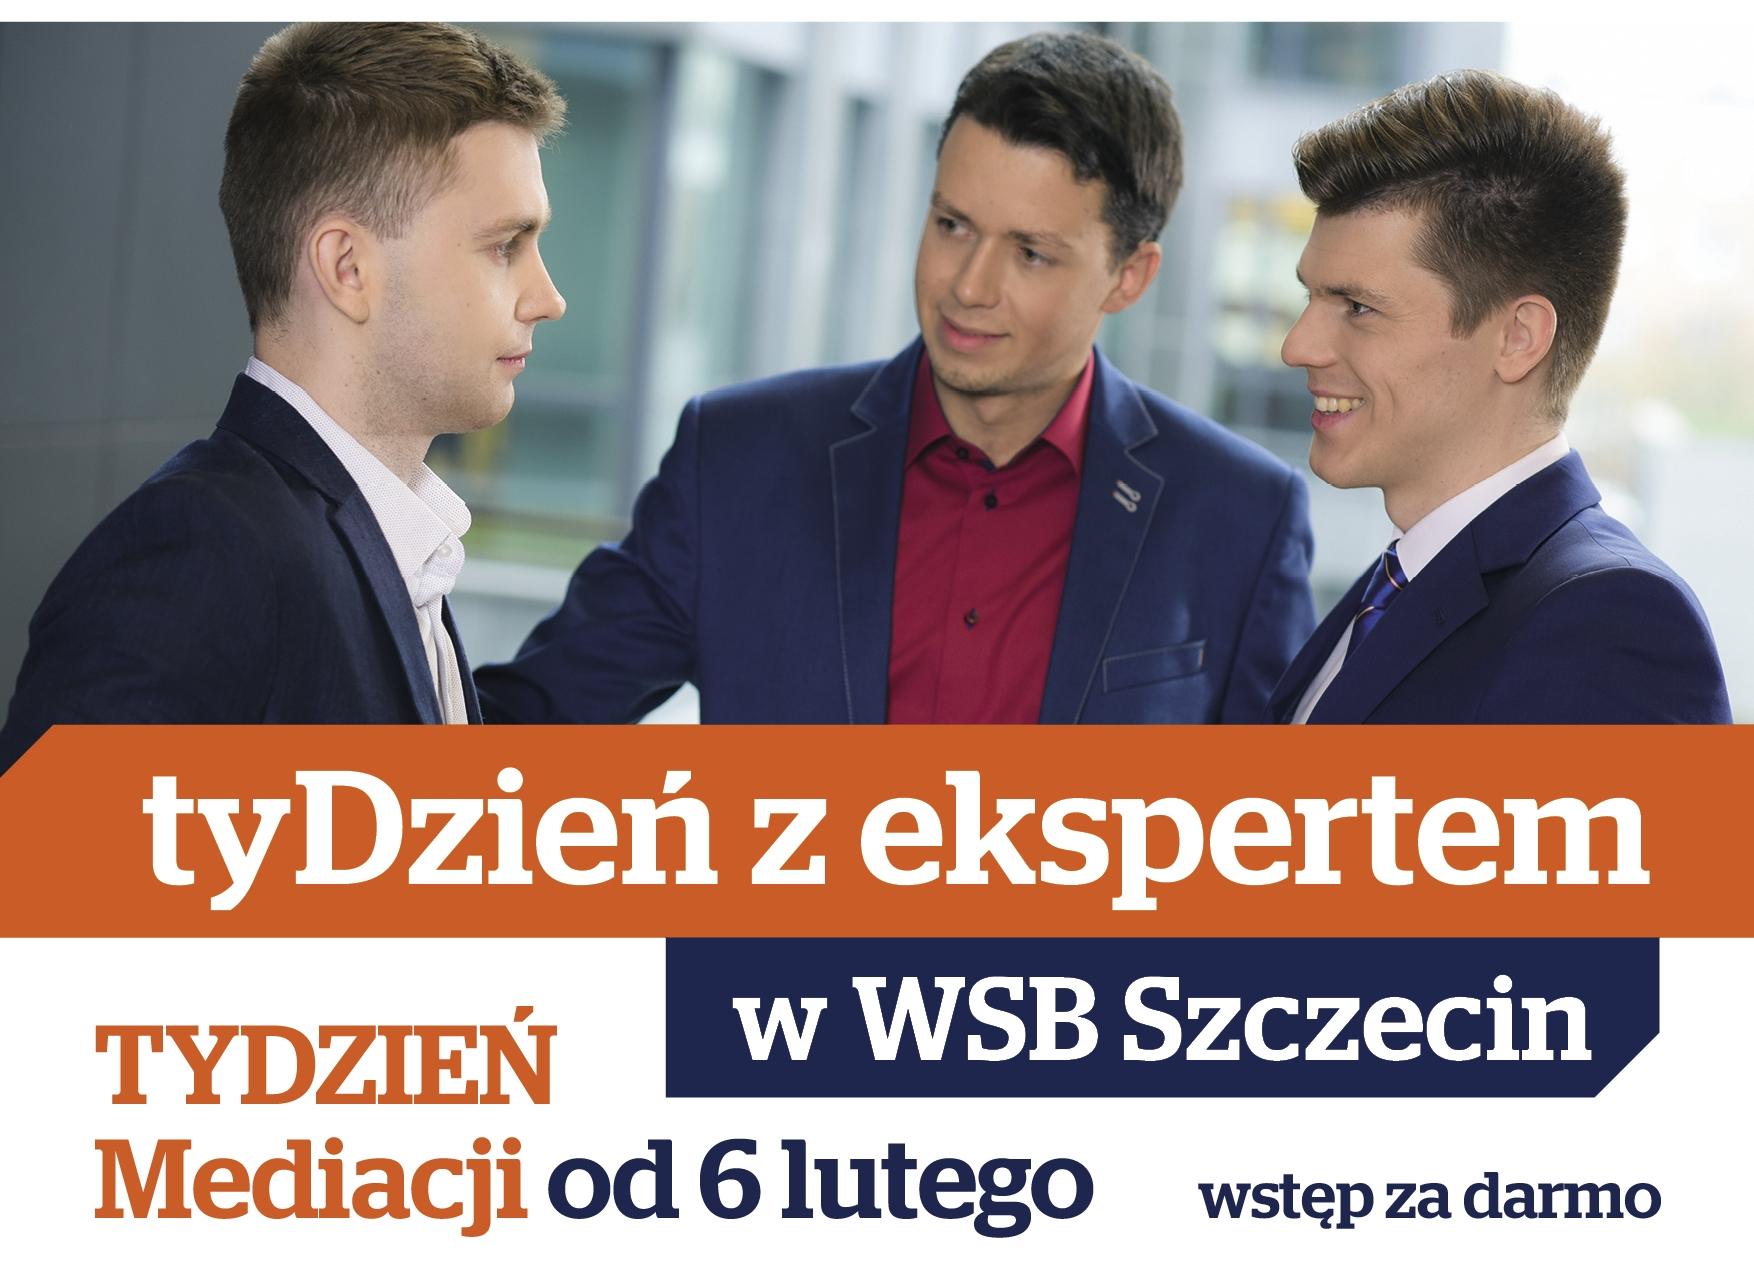 Tydzień Mediacji - cykl spotkań z ekspertami w WSB